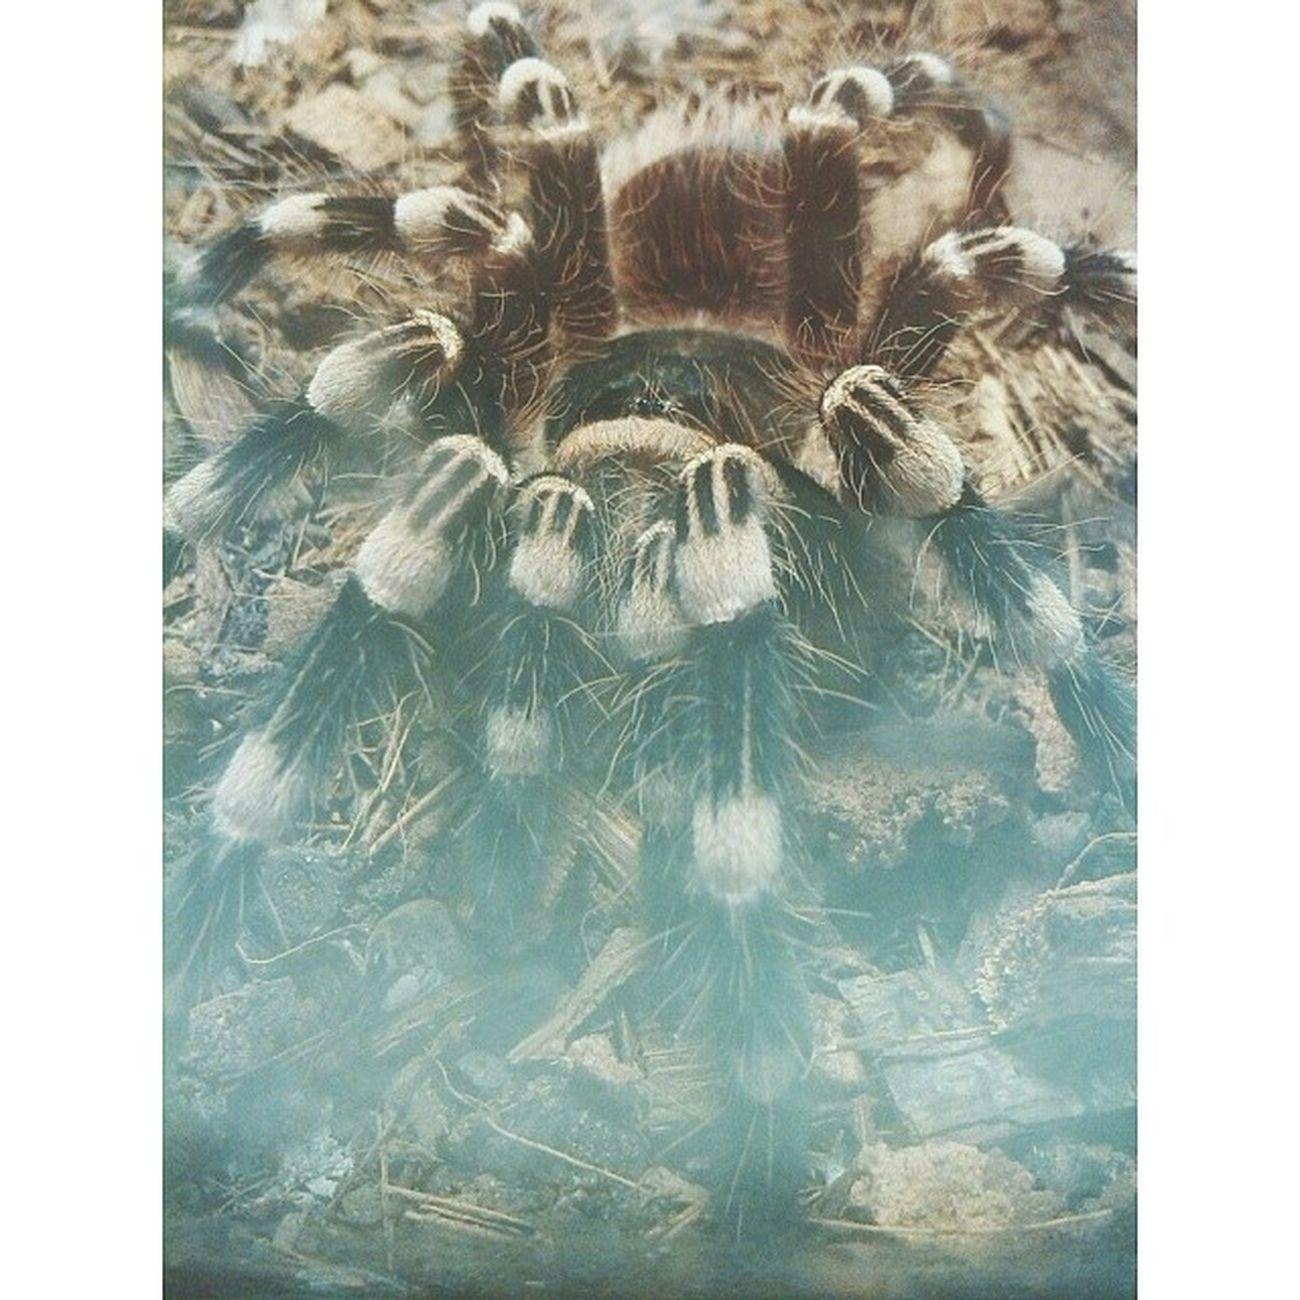 My love <3 Acanthoscurria Geniculata Tarantula Whiteknees cutemmmmlubimjulike4like √